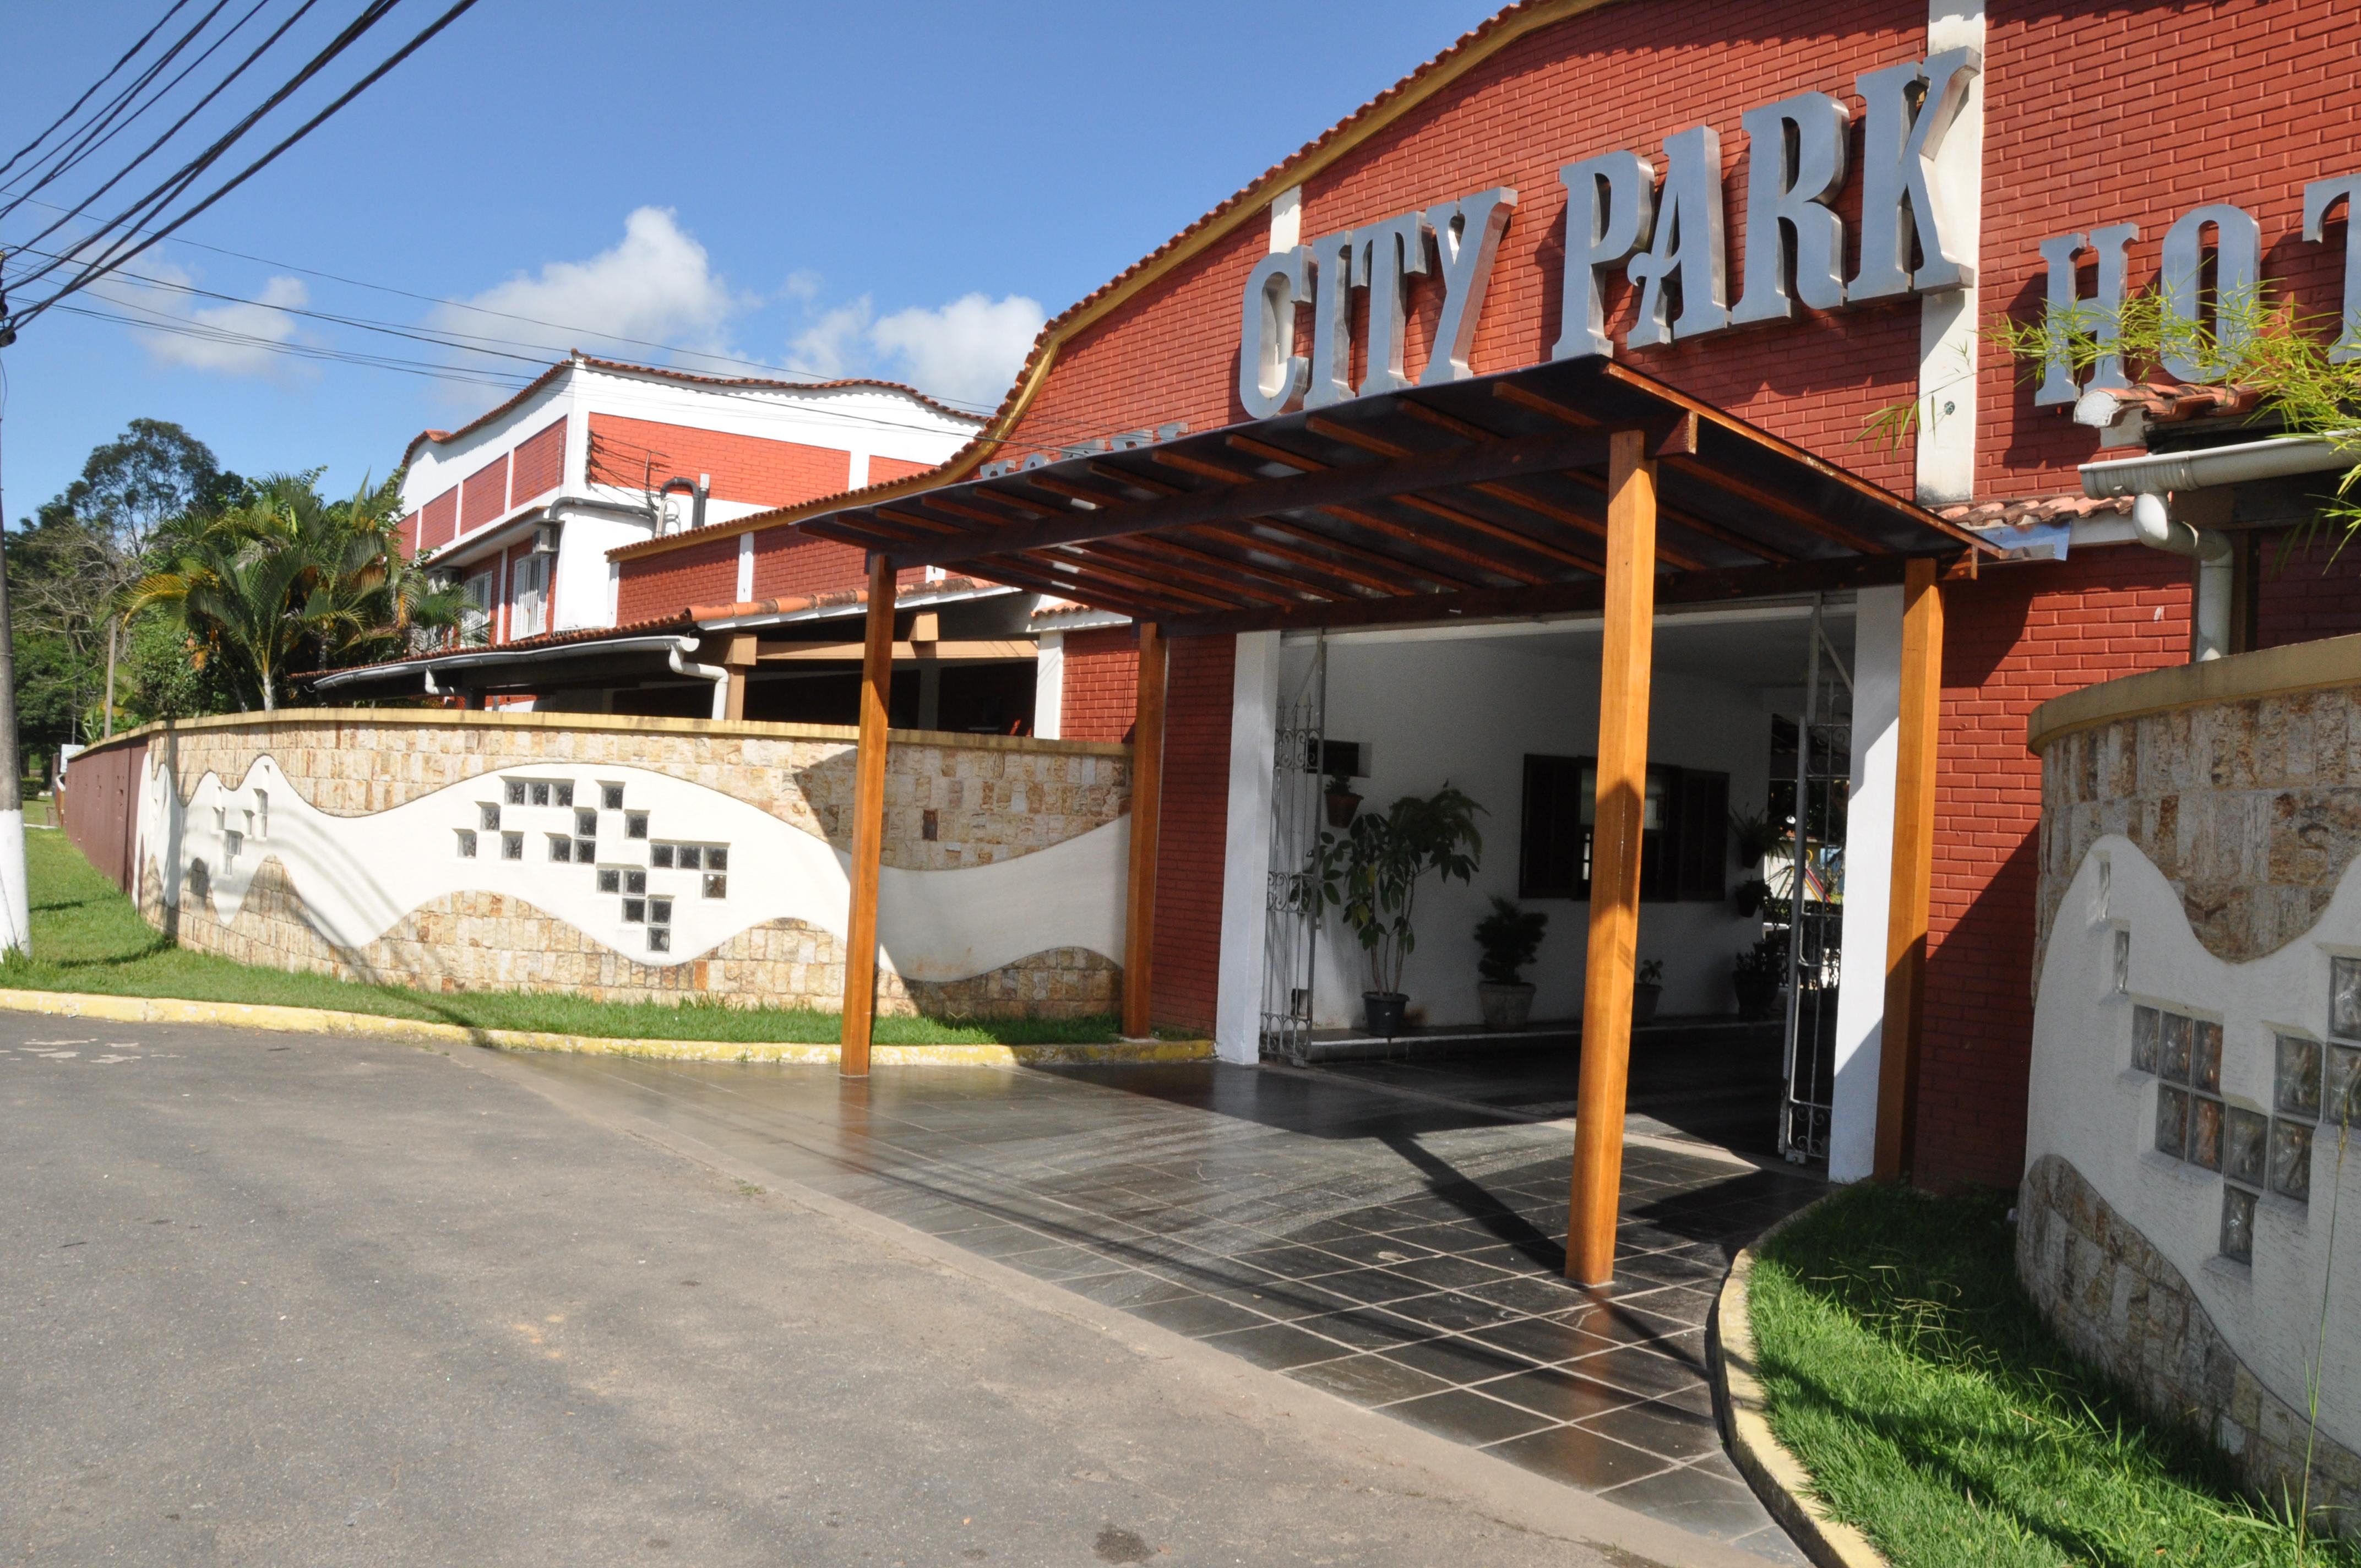 city park hotel em penedo. Black Bedroom Furniture Sets. Home Design Ideas